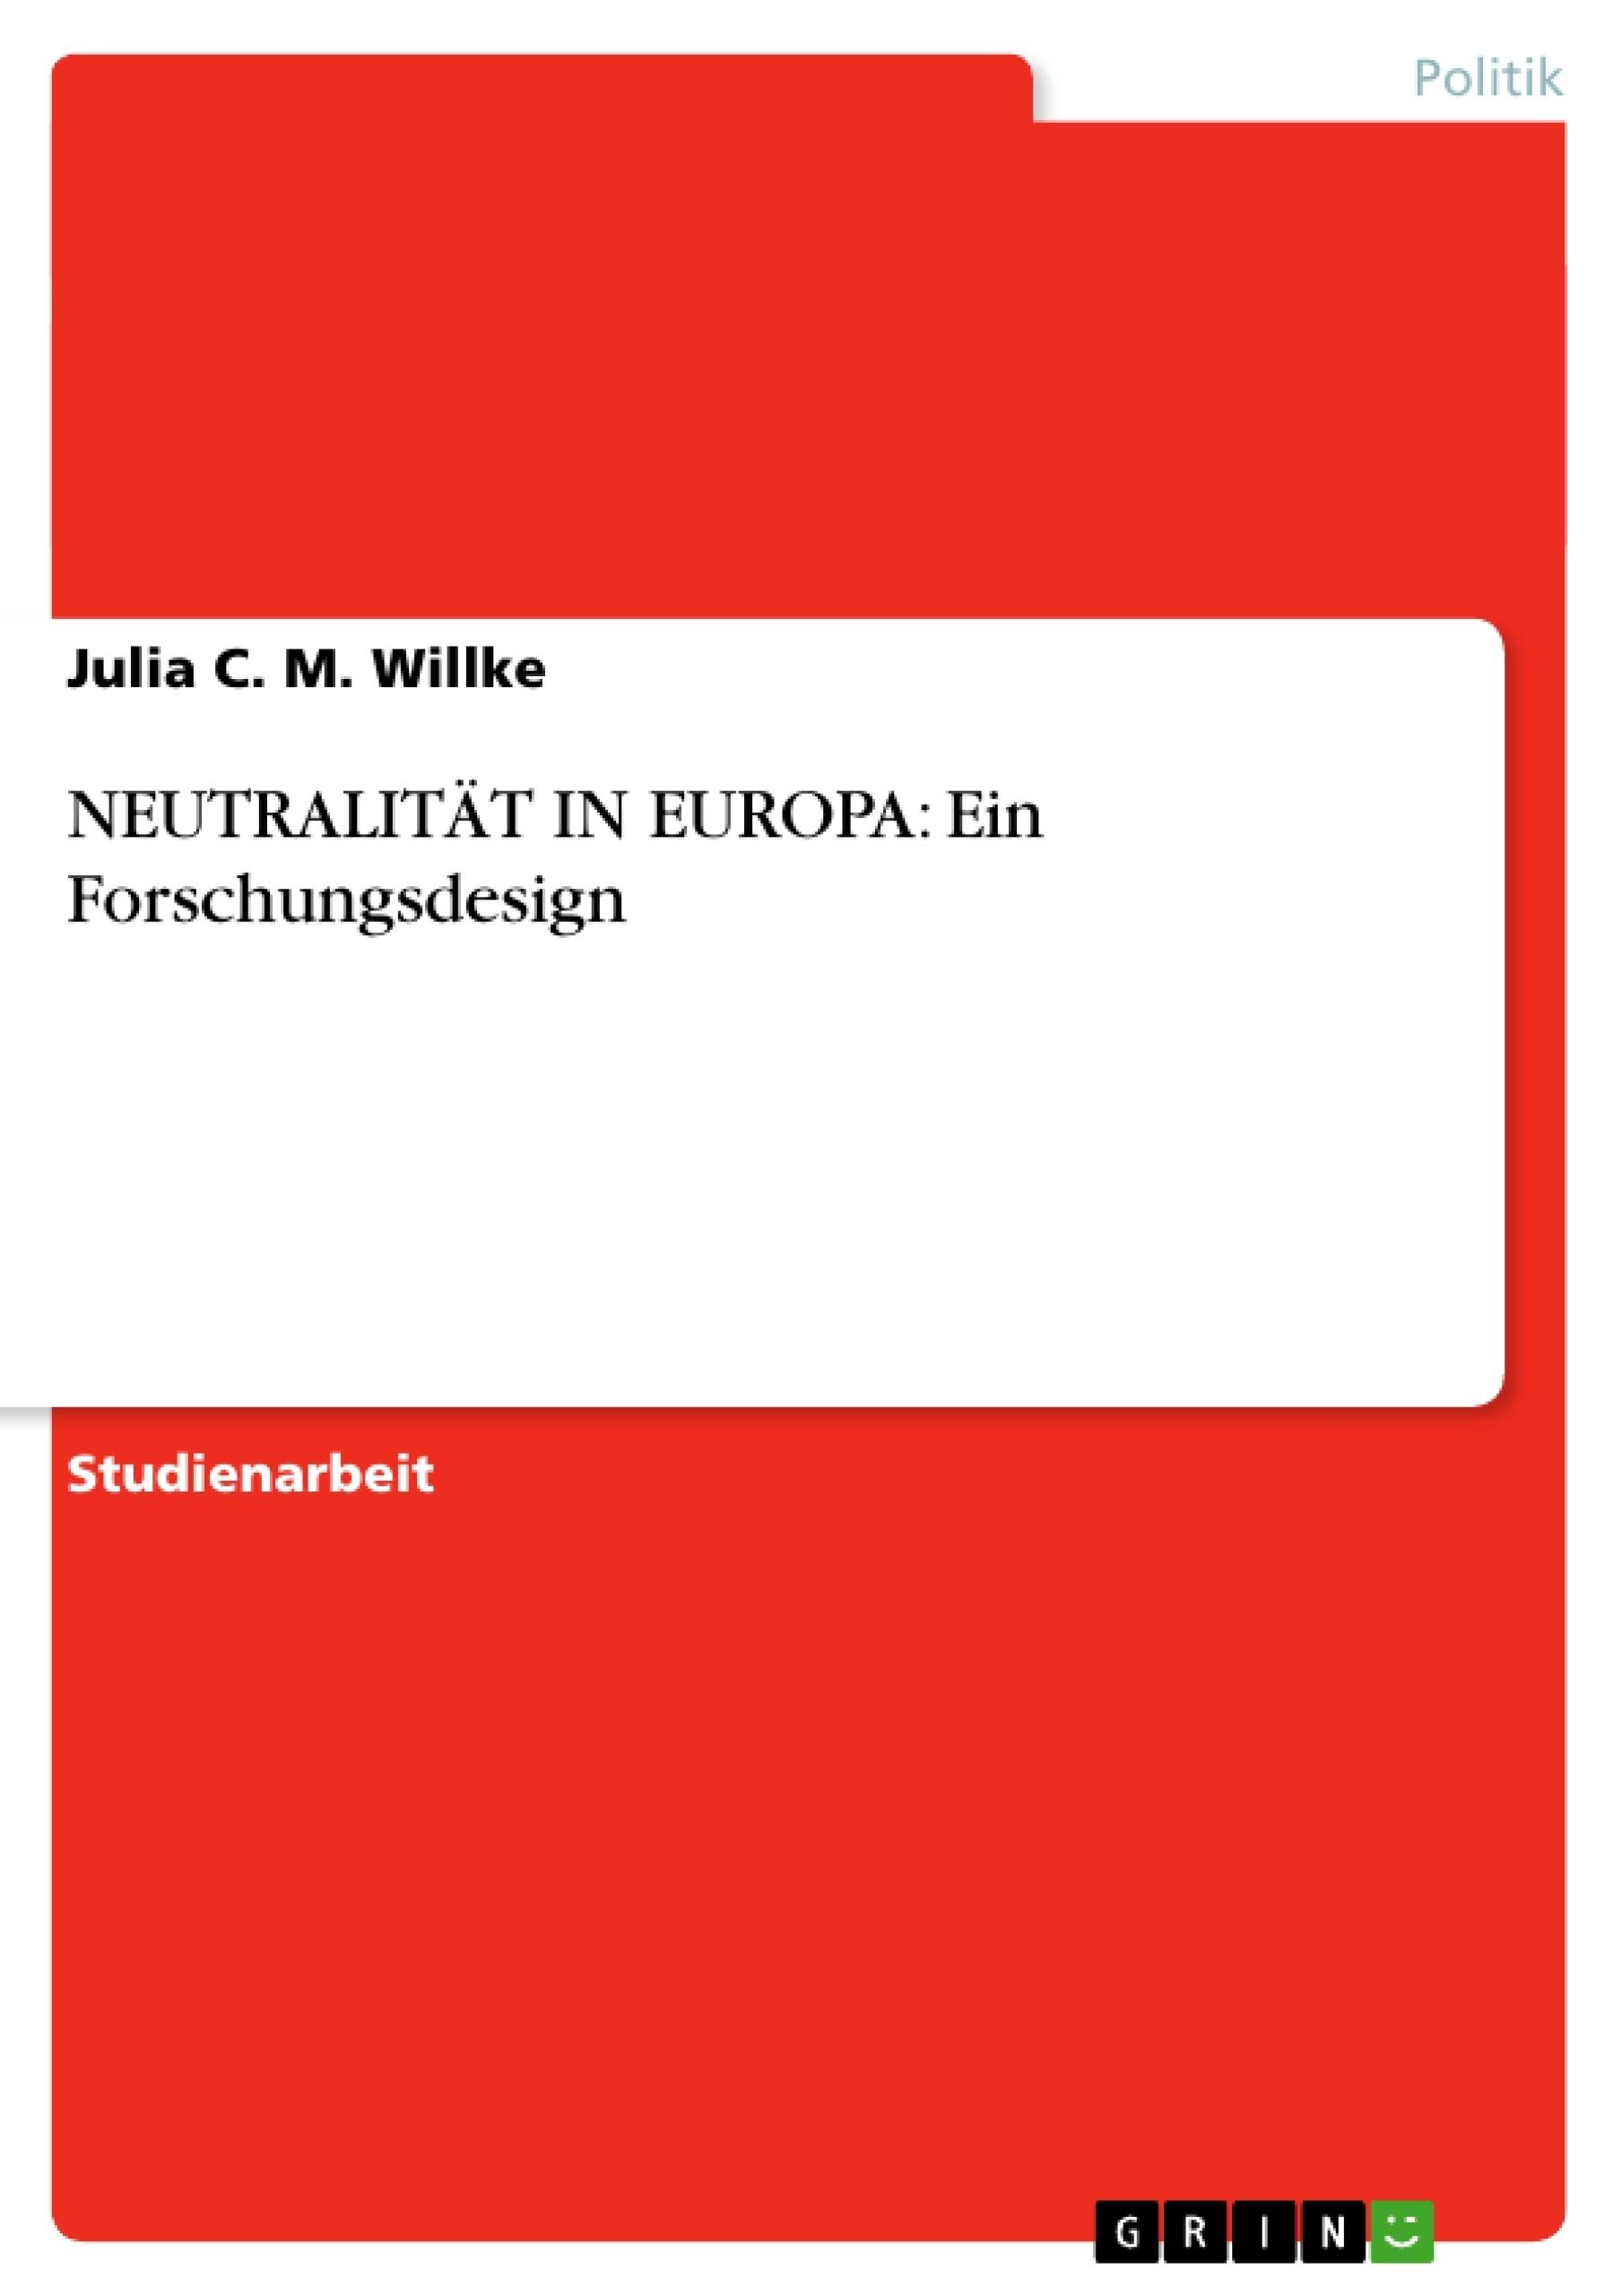 Titel: NEUTRALITÄT IN EUROPA: Ein Forschungsdesign